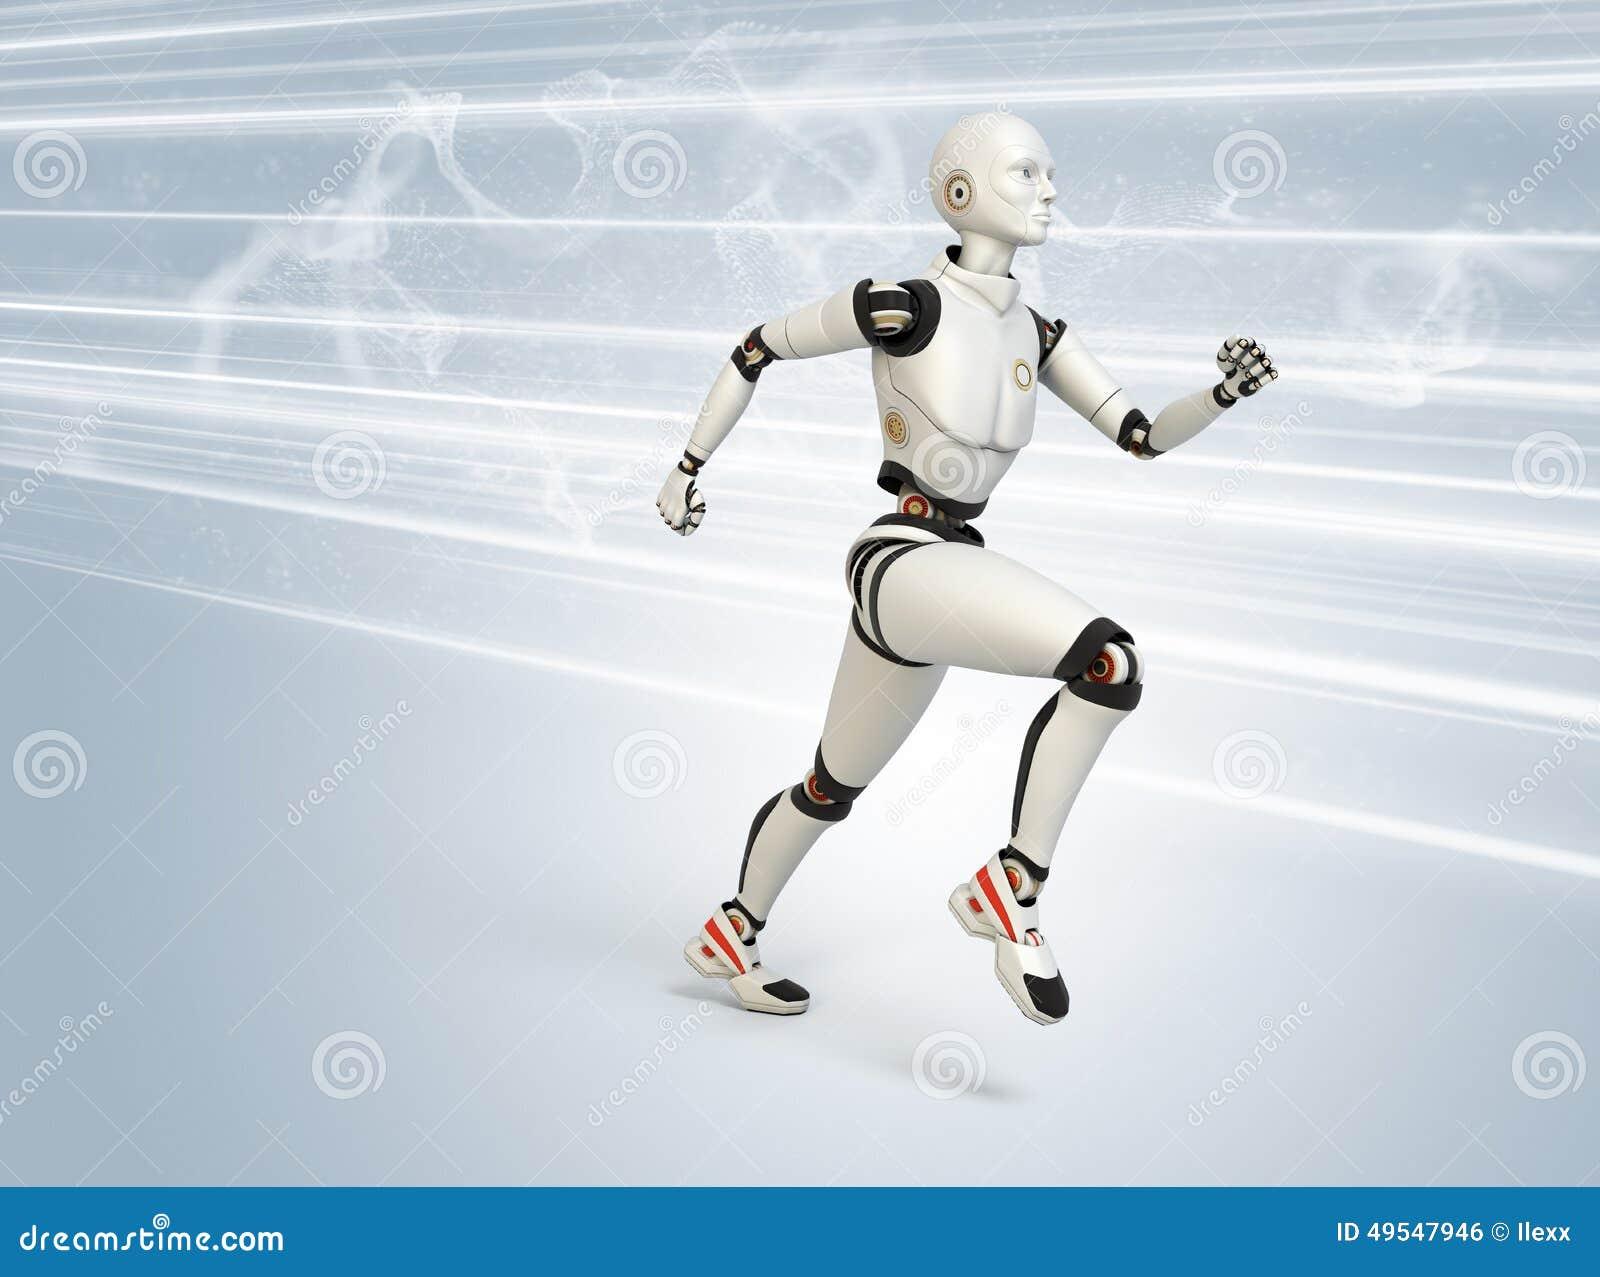 robot running at high speed stock illustration